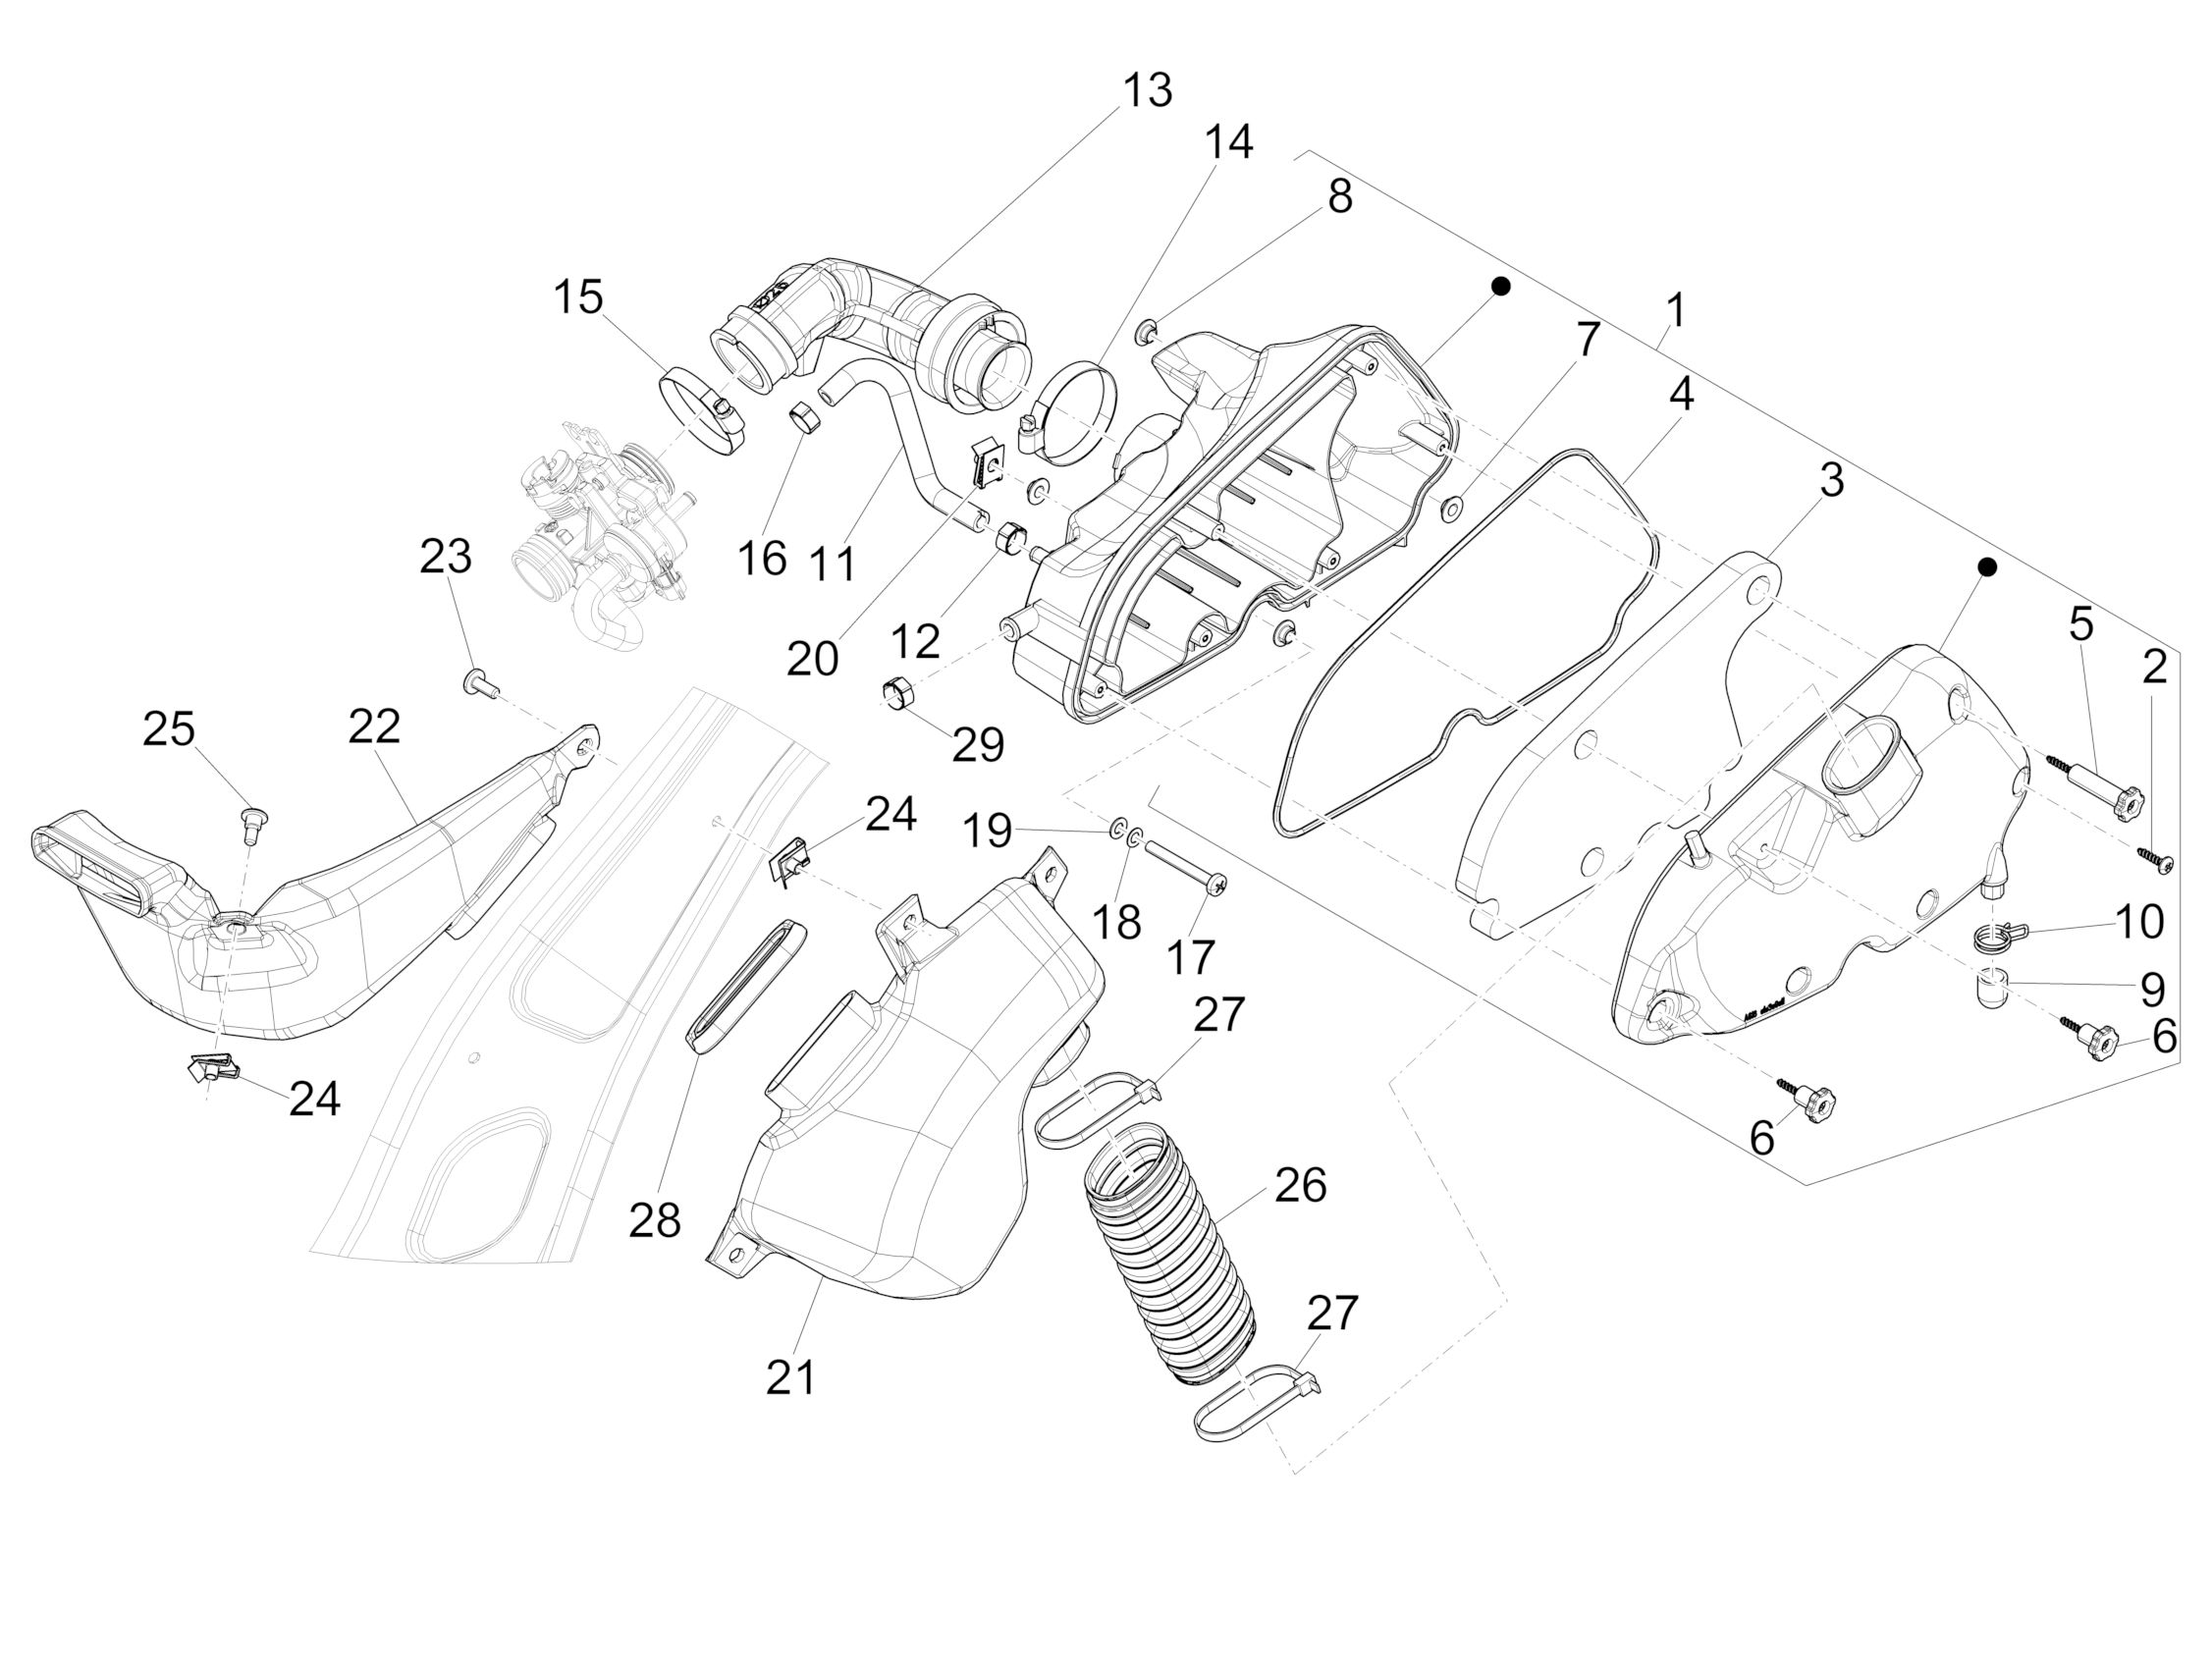 Tafel 01.45 Luftfilter | Motor | Vespa Primavera 125 3V 2013 ... on